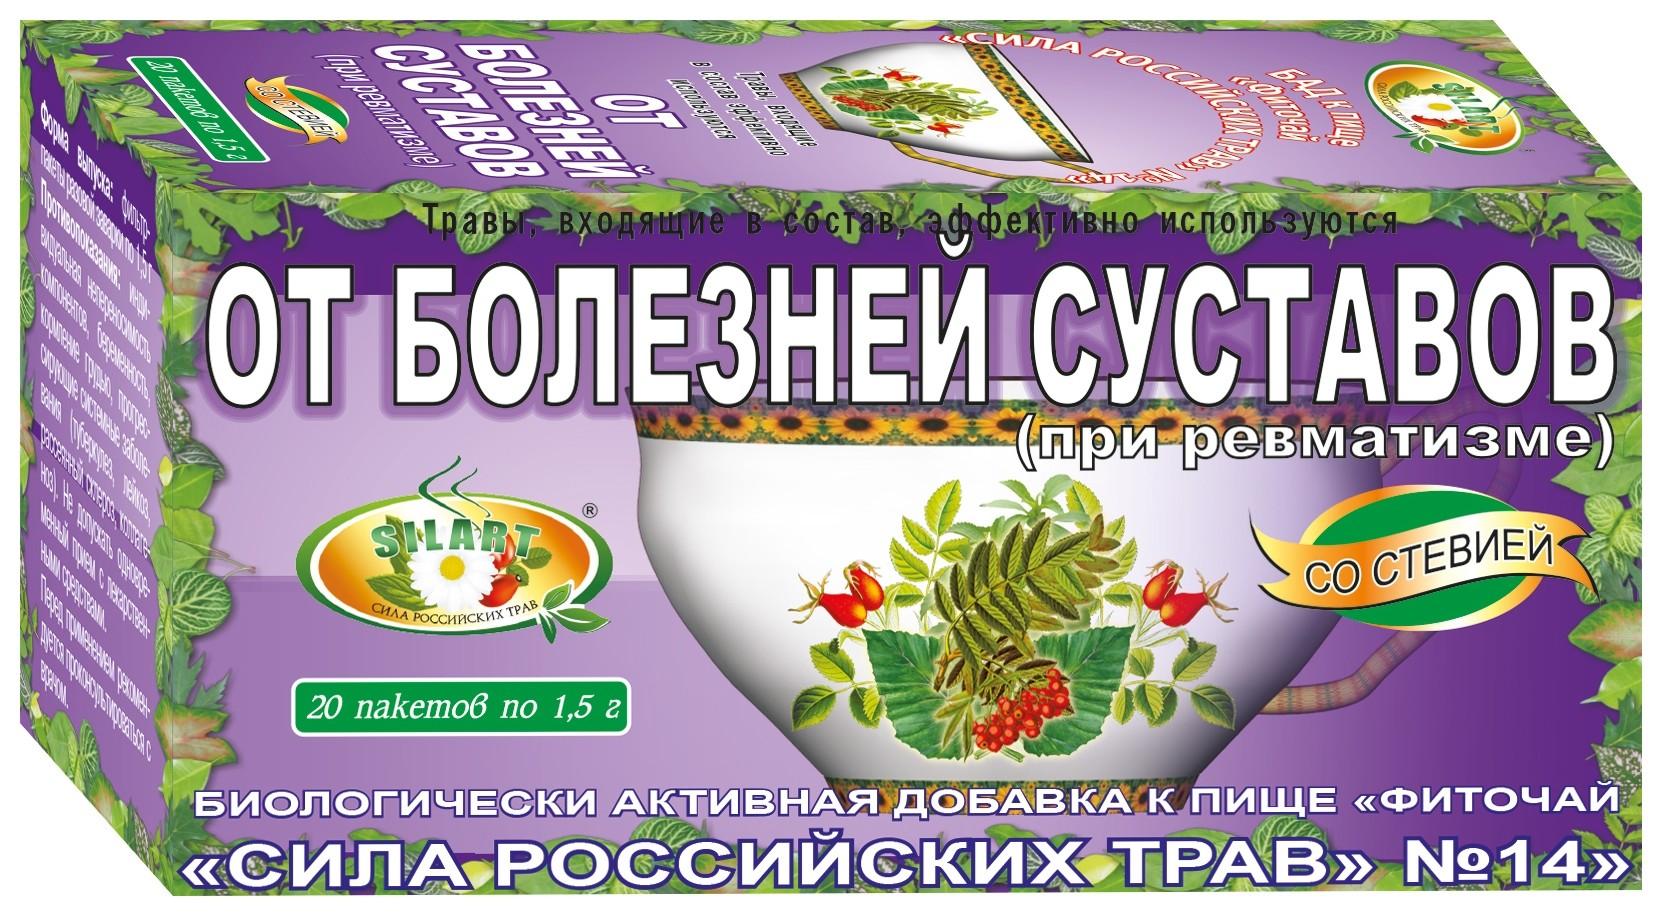 чай от алкоголизма сила российских трав отзывы